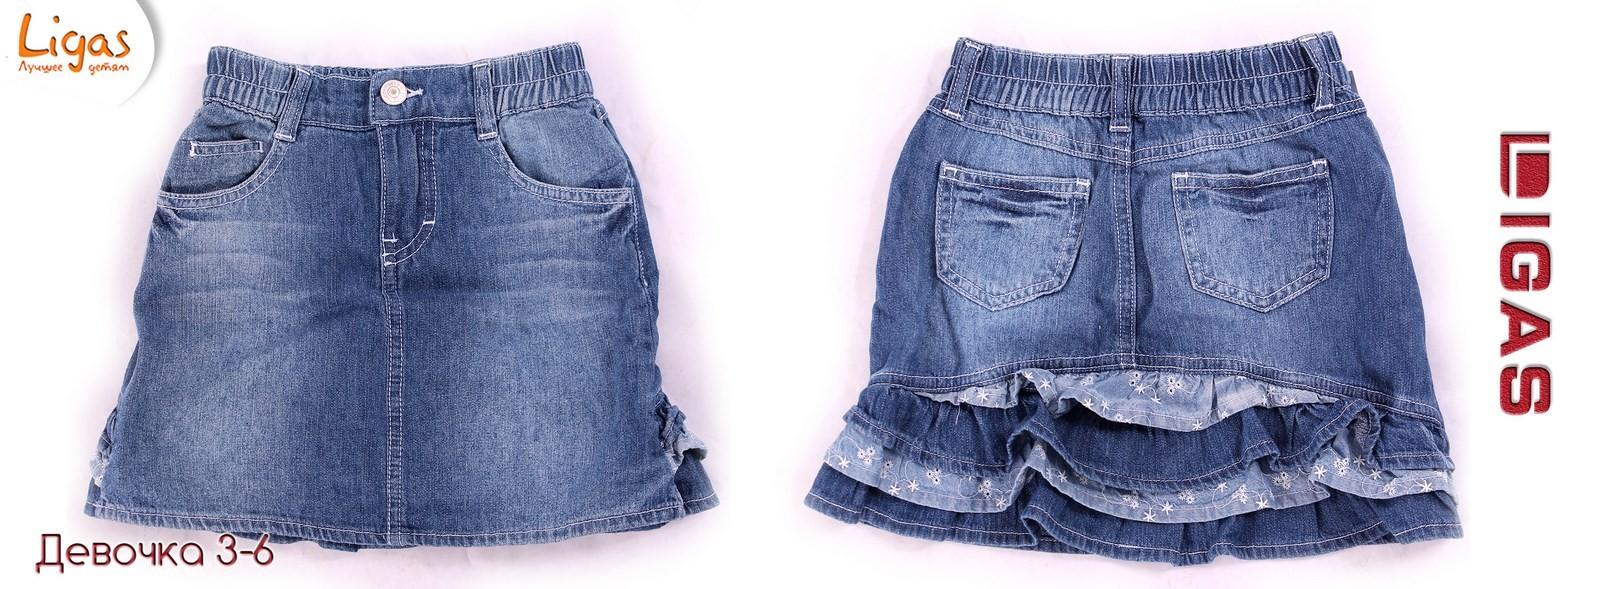 Сбор заказов-12. Распродажа коллекции прошлого года детской джинсовой и вельветовой одежды ТМ Ligas, Fabex, Republik